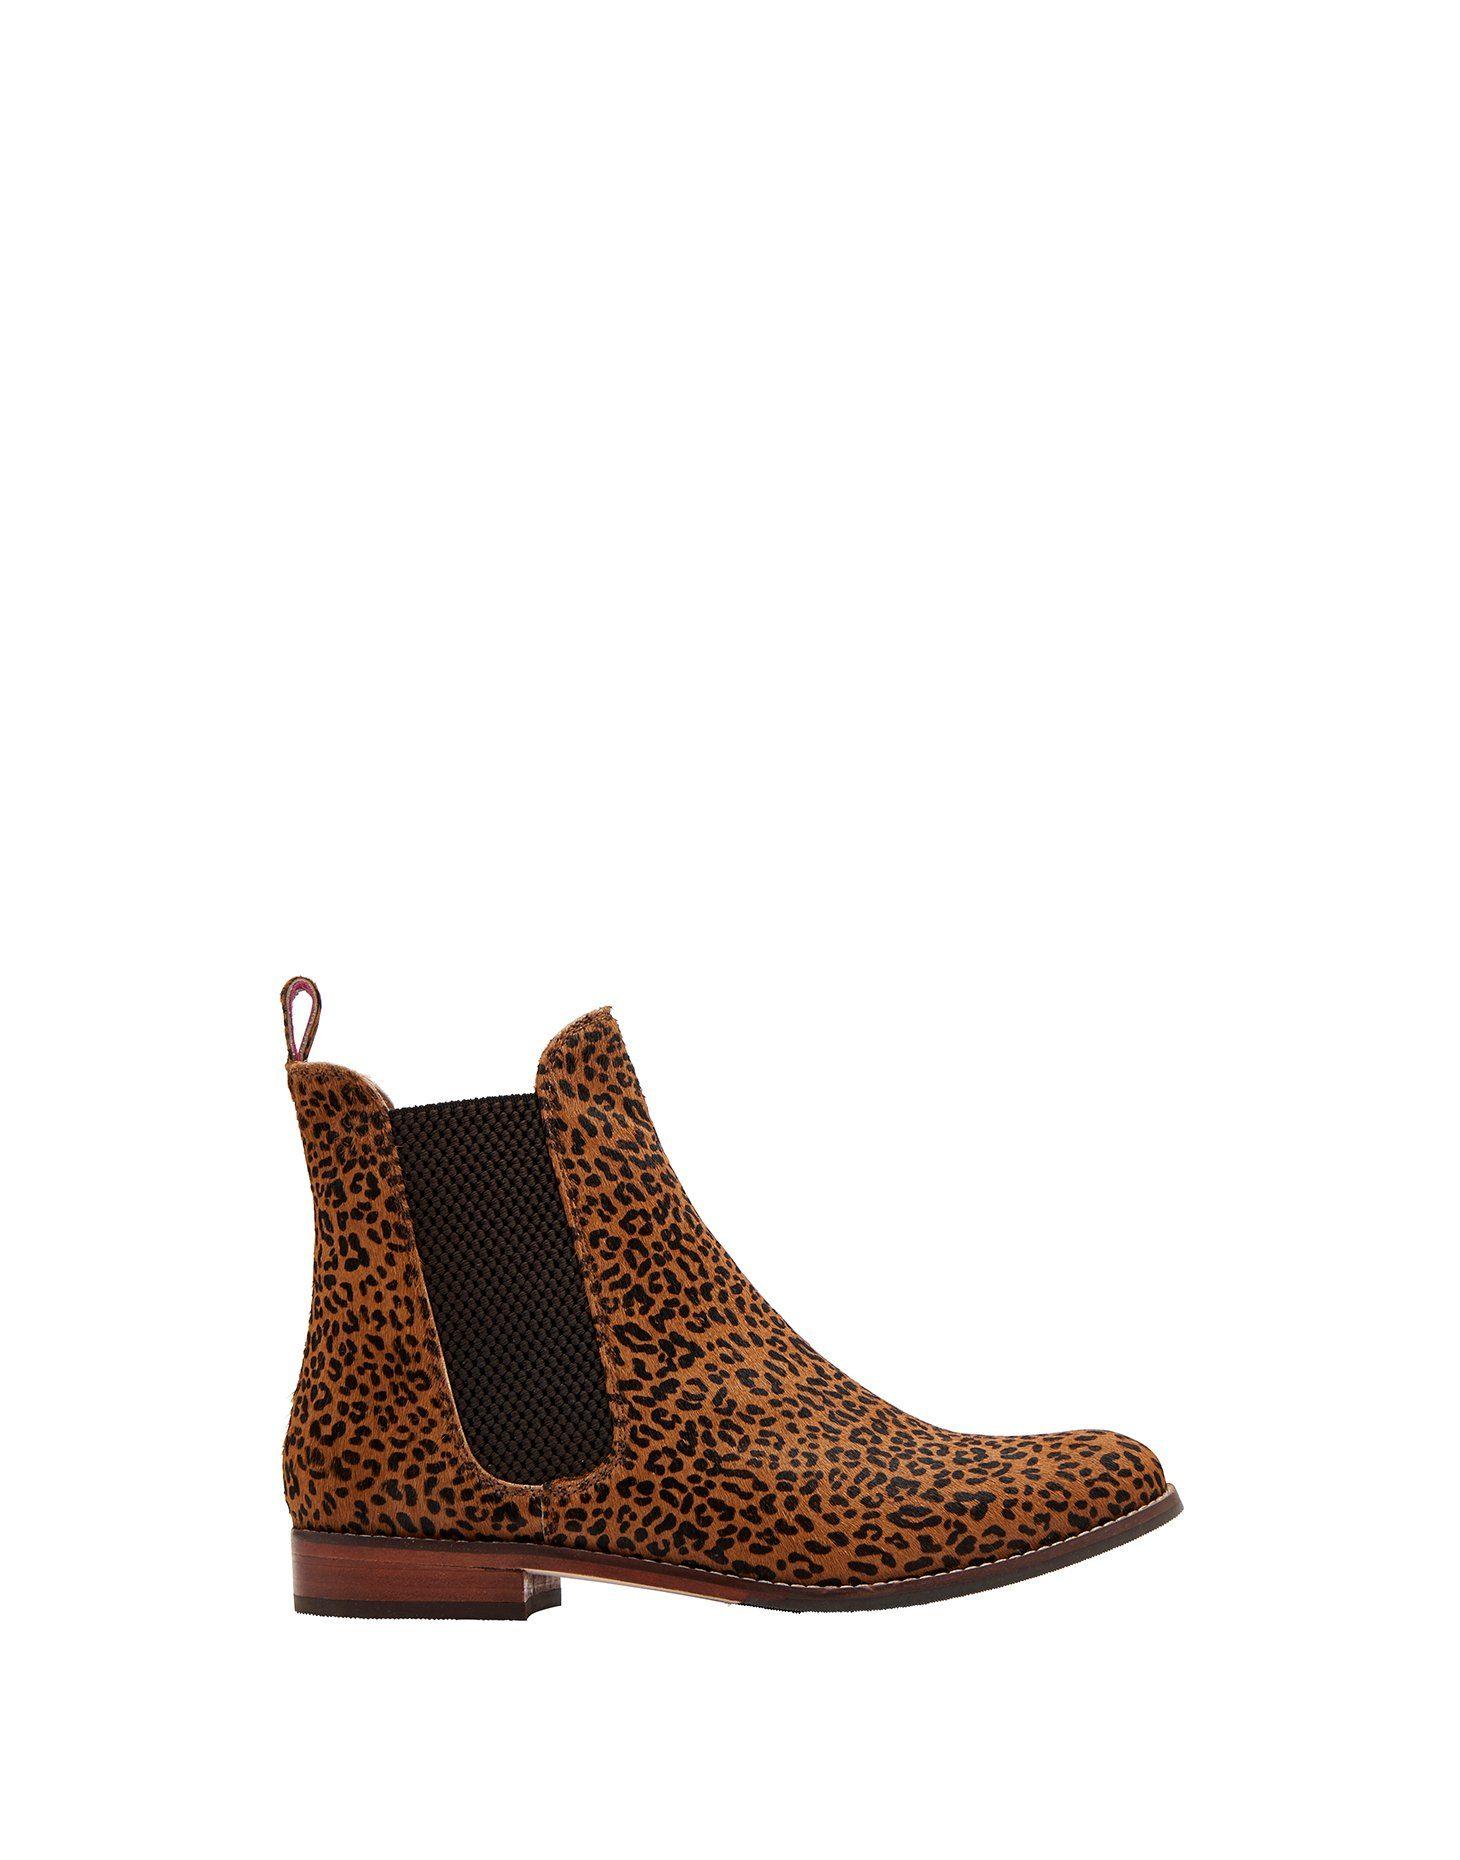 Mit Leoparden Boots KaufenOtto Modischem Chelsea Online Joule Tom Muster QdrexBoWC